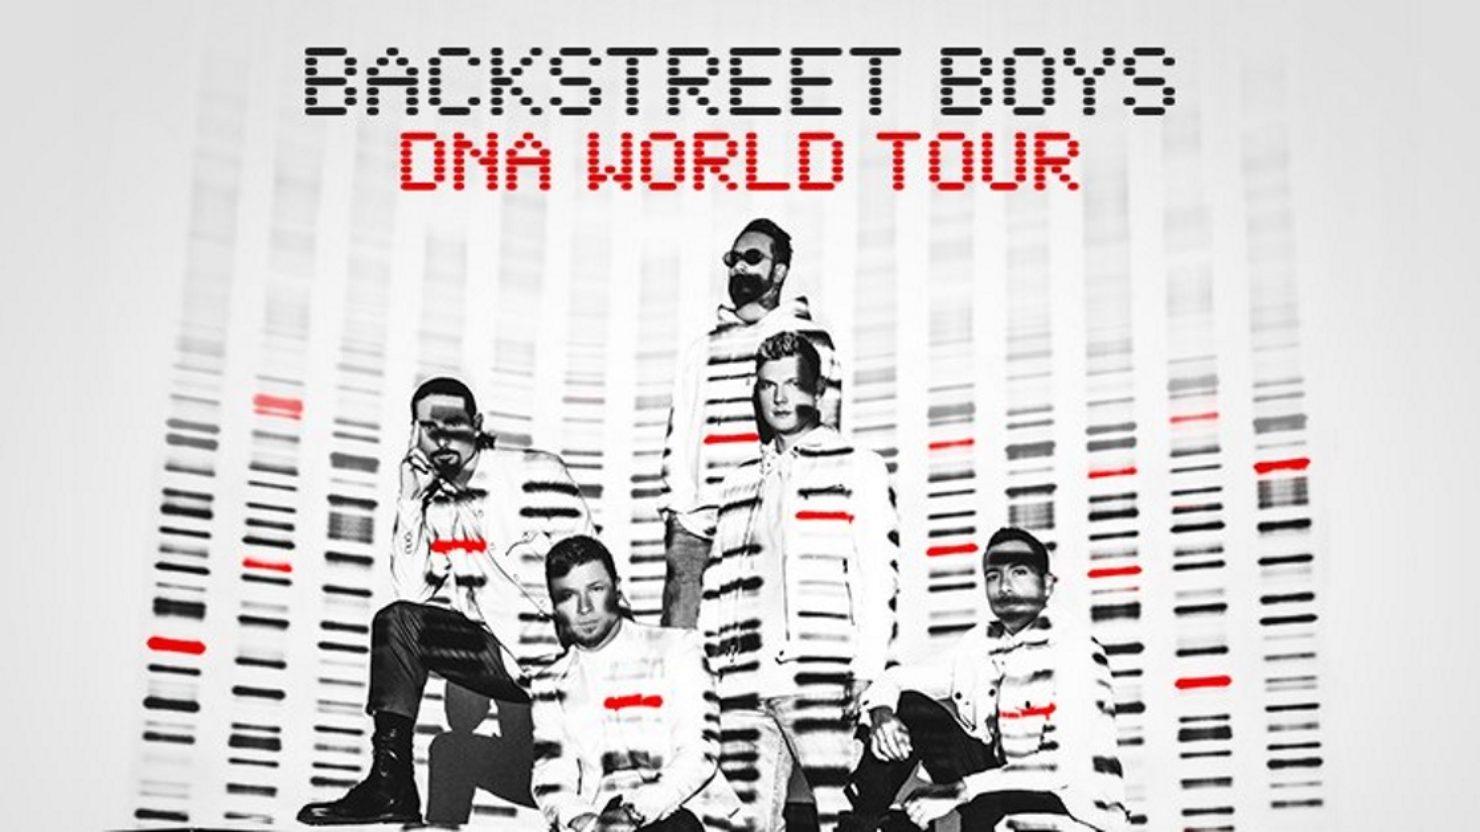 Backstreet Boys DNA Tour Dates - Rescheduled to 2021 Calendar